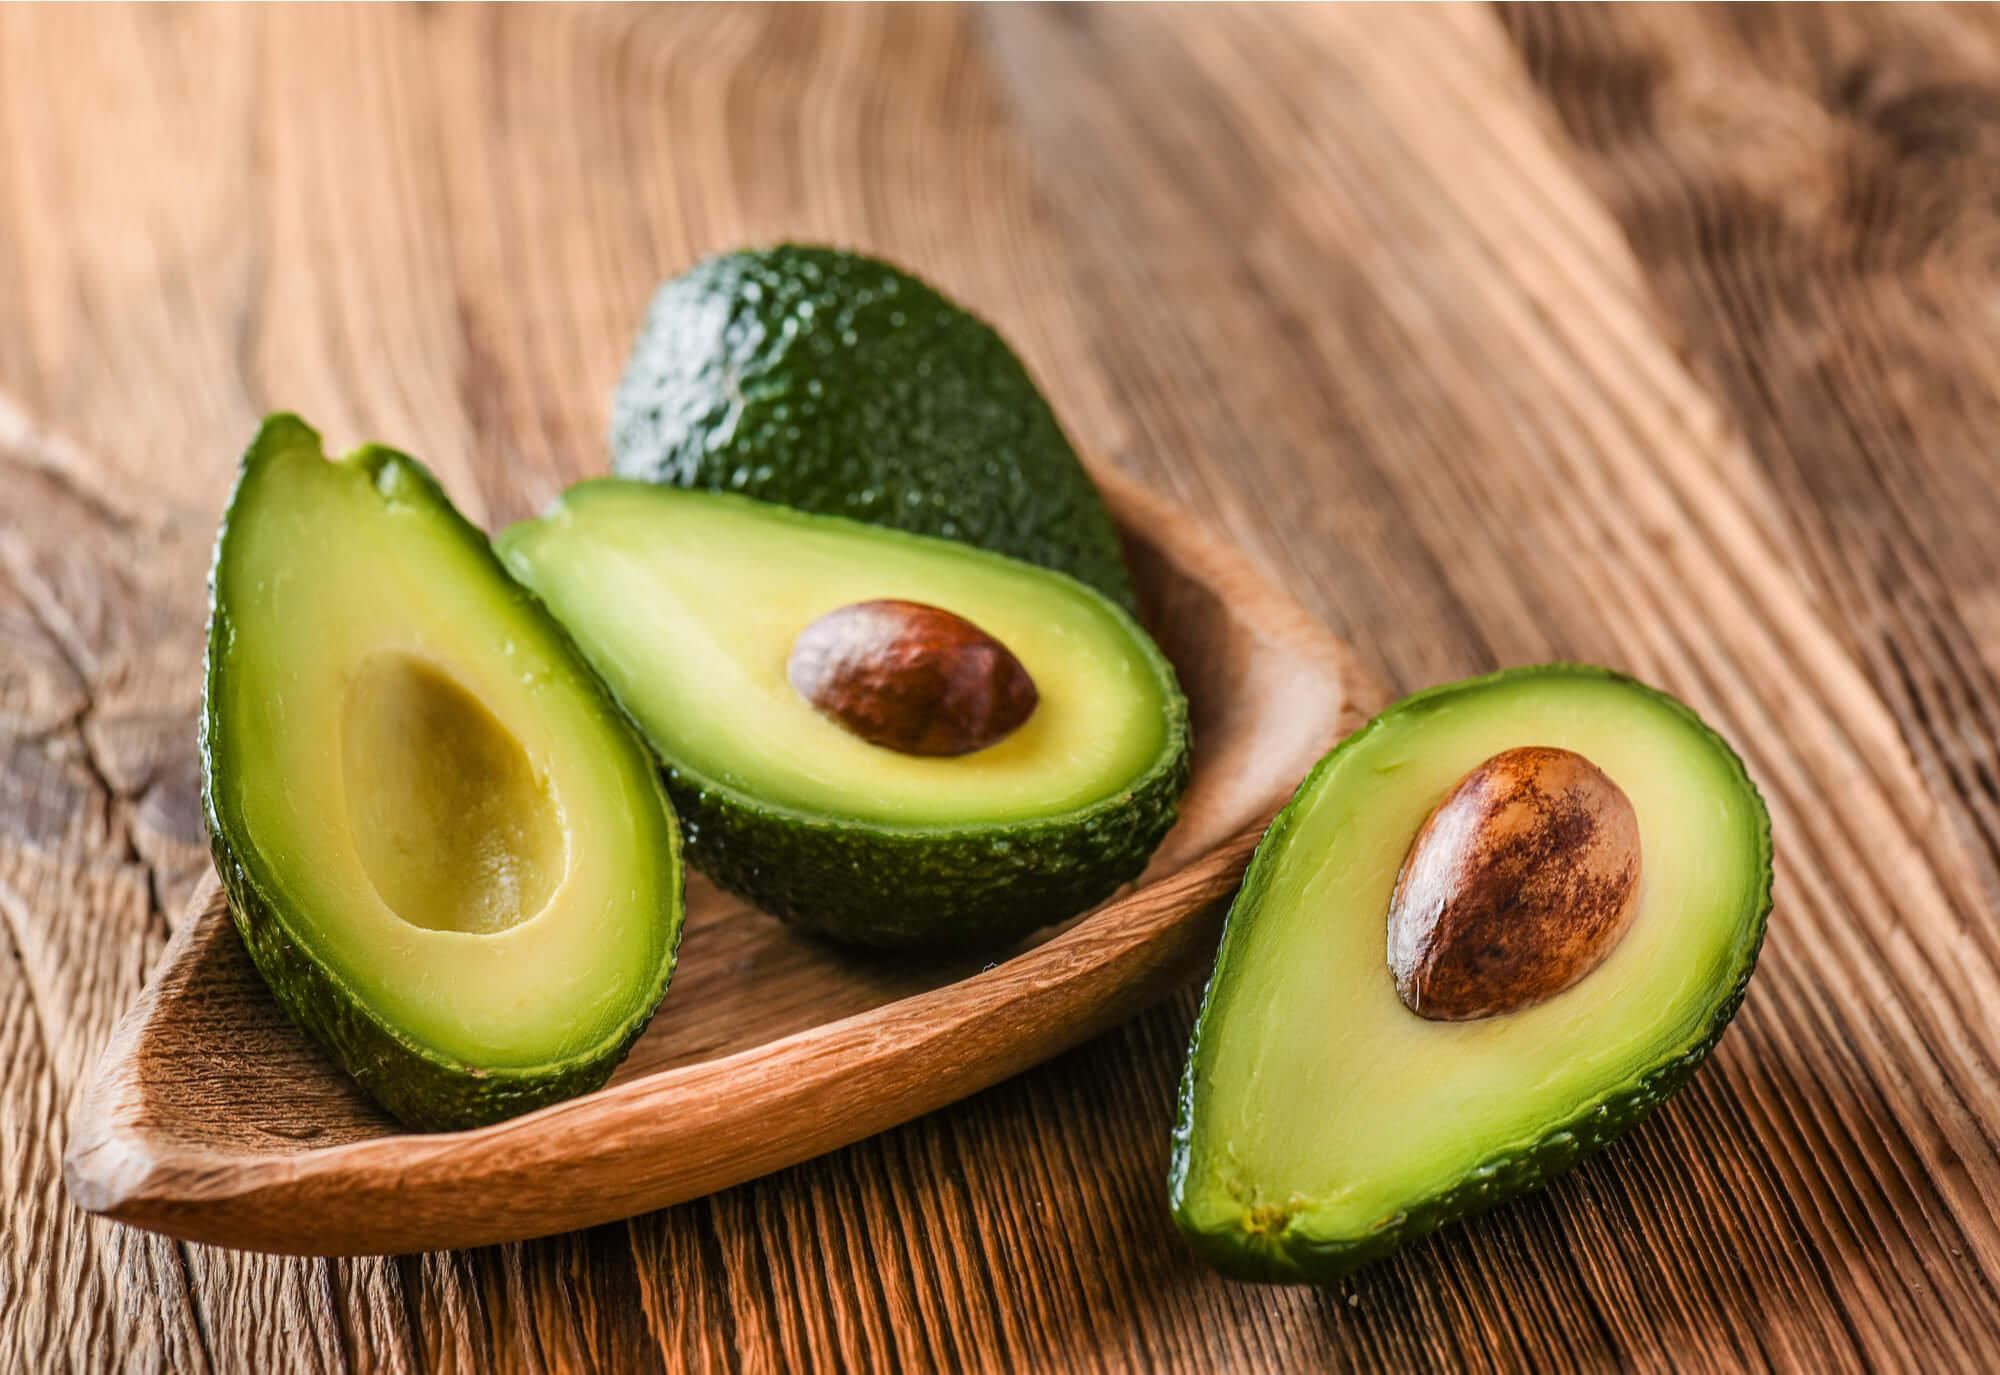 Does avocado make you fat?